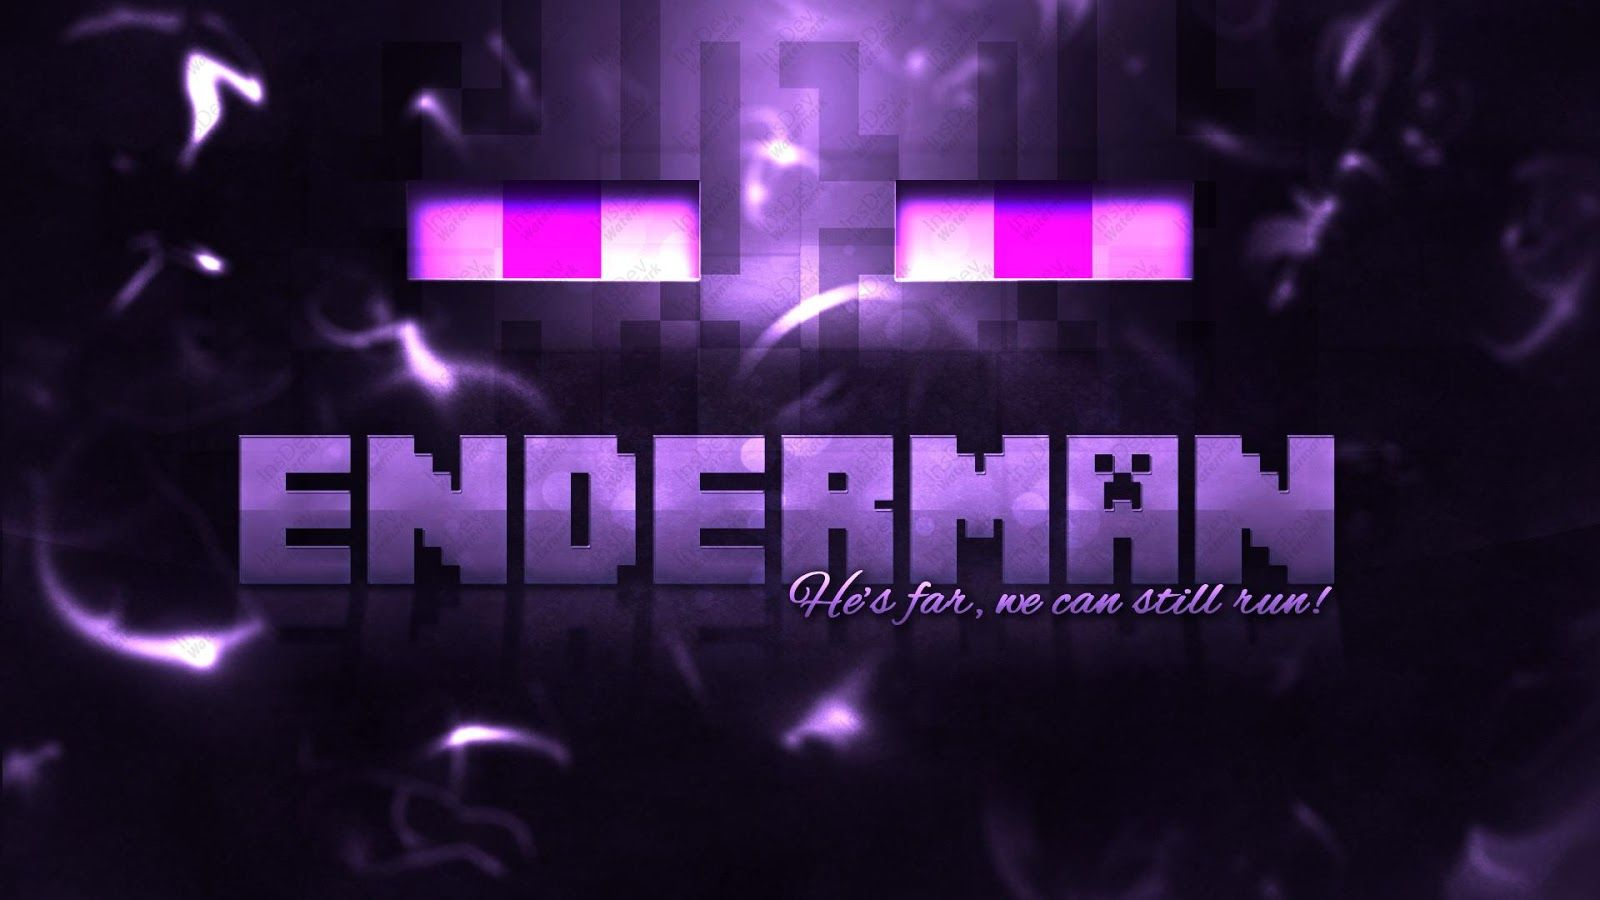 Cool Wallpaper Minecraft Google - fe79e370a210c5114ca8a9f2a04d7469  Image_491371.jpg